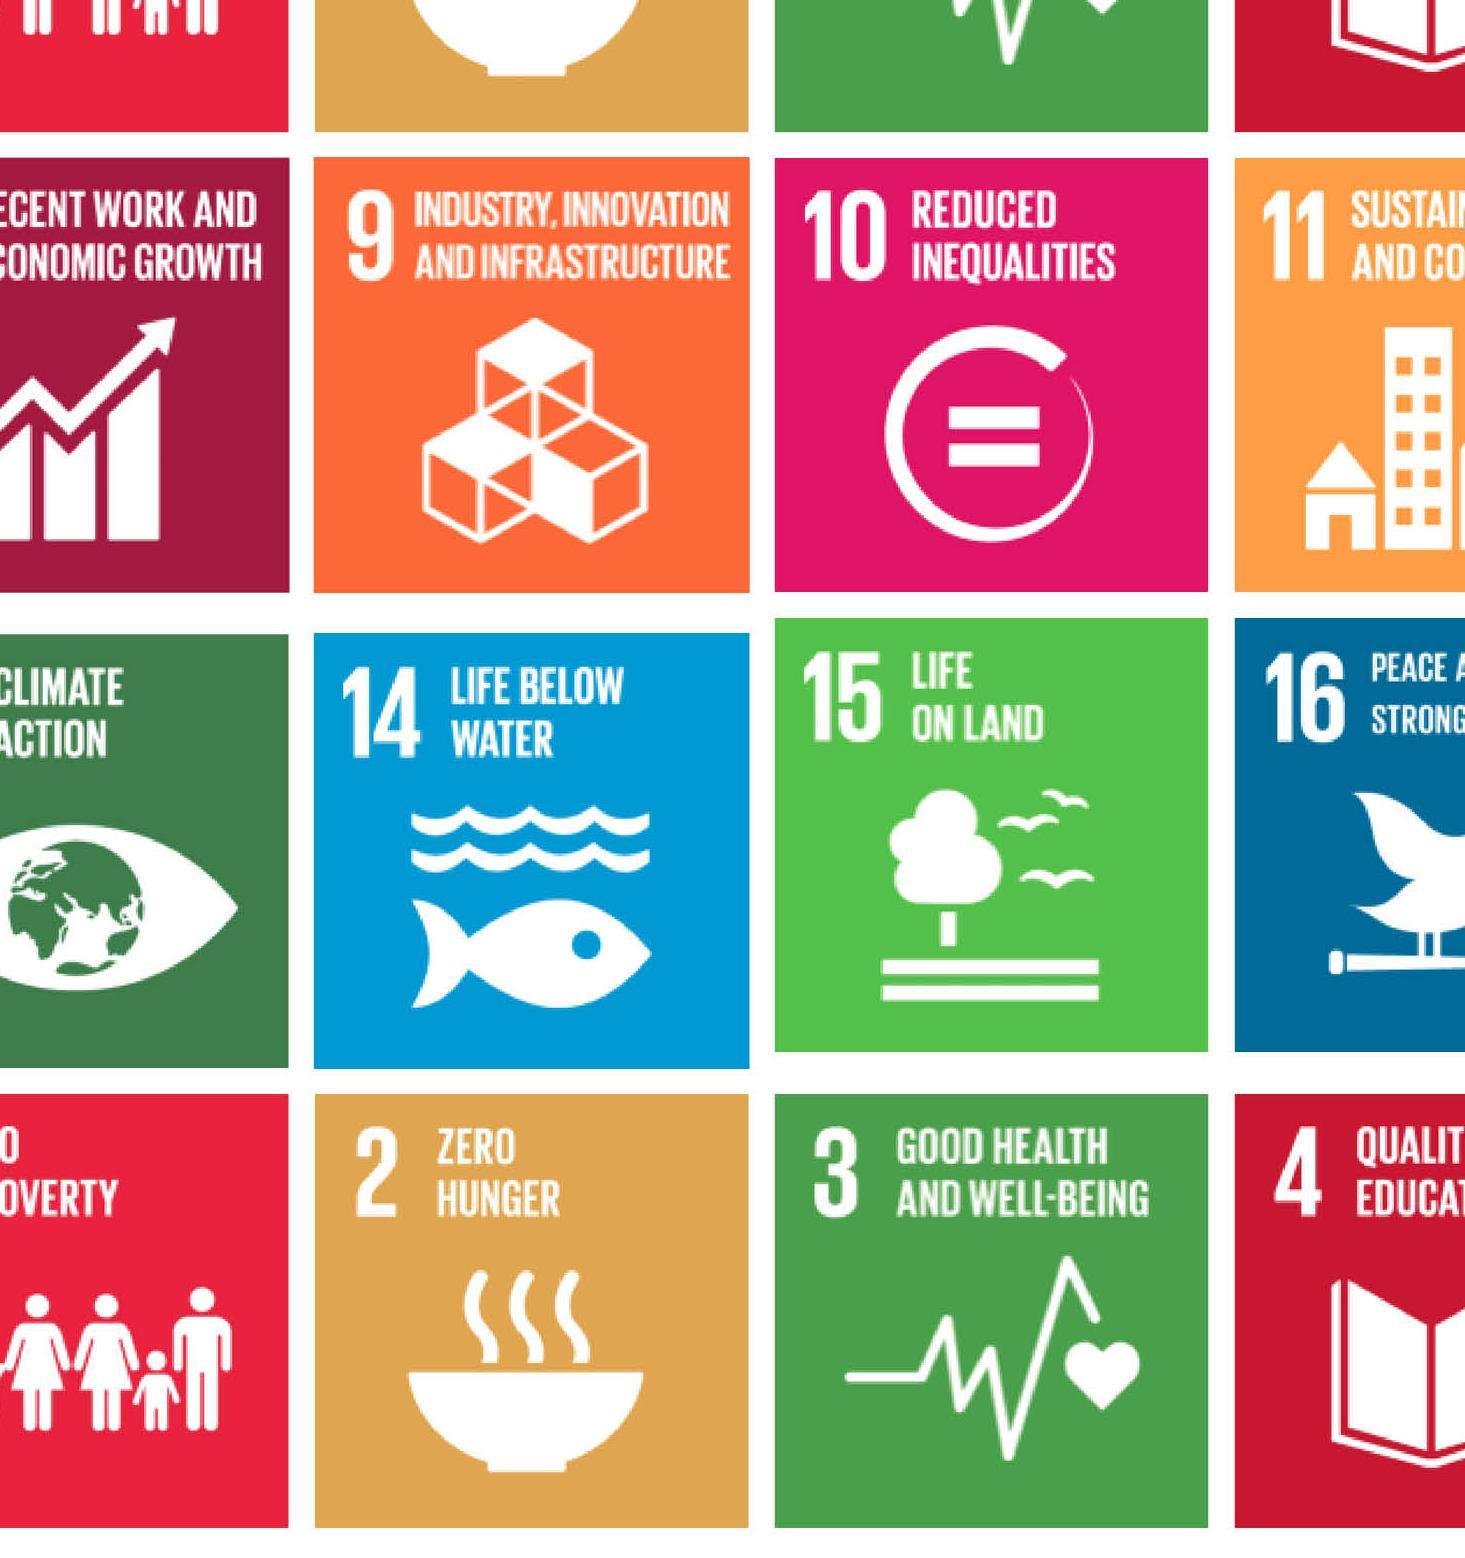 Открыта регистрация на бесплатный онлайн-курс об устойчивом развитии